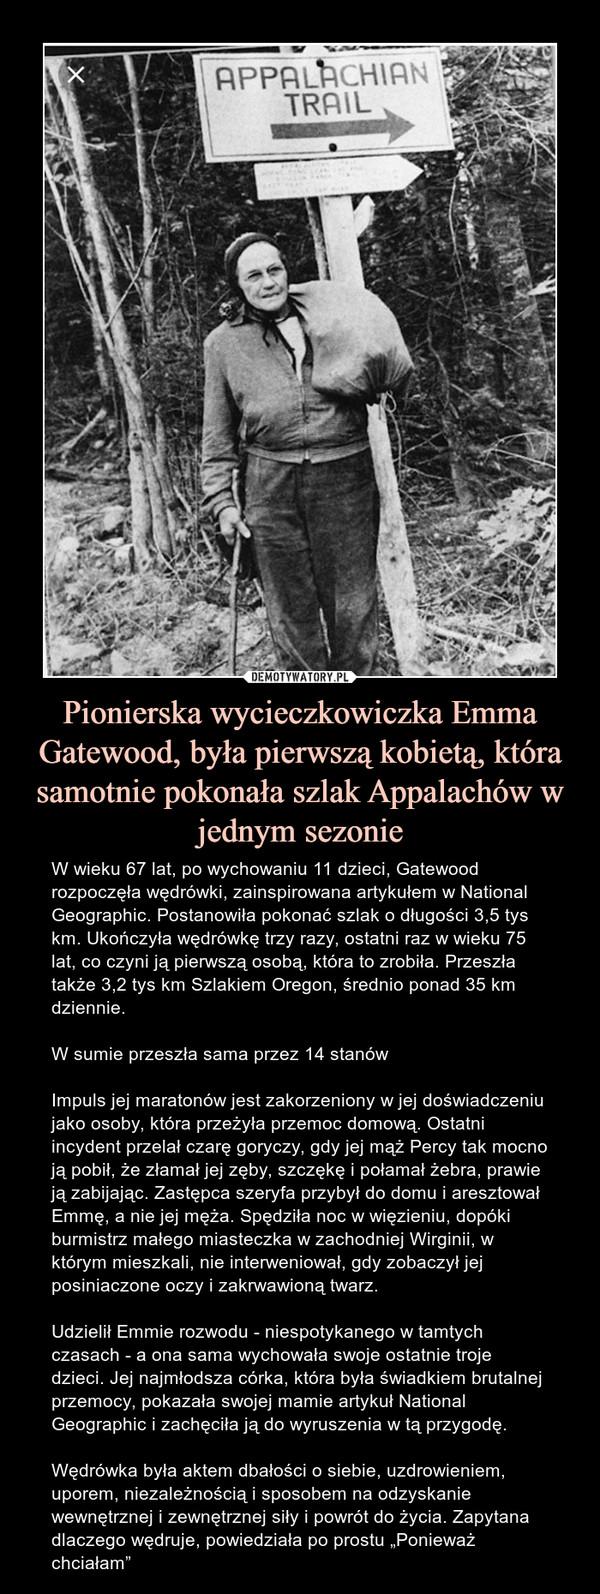 """Pionierska wycieczkowiczka Emma Gatewood, była pierwszą kobietą, która samotnie pokonała szlak Appalachów w jednym sezonie – W wieku 67 lat, po wychowaniu 11 dzieci, Gatewood rozpoczęła wędrówki, zainspirowana artykułem w National Geographic. Postanowiła pokonać szlak o długości 3,5 tys km. Ukończyła wędrówkę trzy razy, ostatni raz w wieku 75 lat, co czyni ją pierwszą osobą, która to zrobiła. Przeszła także 3,2 tys km Szlakiem Oregon, średnio ponad 35 km dziennie.W sumie przeszła sama przez 14 stanówImpuls jej maratonów jest zakorzeniony w jej doświadczeniu jako osoby, która przeżyła przemoc domową. Ostatni incydent przelał czarę goryczy, gdy jej mąż Percy tak mocno ją pobił, że złamał jej zęby, szczękę i połamał żebra, prawie ją zabijając. Zastępca szeryfa przybył do domu i aresztował Emmę, a nie jej męża. Spędziła noc w więzieniu, dopóki burmistrz małego miasteczka w zachodniej Wirginii, w którym mieszkali, nie interweniował, gdy zobaczył jej posiniaczone oczy i zakrwawioną twarz.Udzielił Emmie rozwodu - niespotykanego w tamtych czasach - a ona sama wychowała swoje ostatnie troje dzieci. Jej najmłodsza córka, która była świadkiem brutalnej przemocy, pokazała swojej mamie artykuł National Geographic i zachęciła ją do wyruszenia w tą przygodę. Wędrówka była aktem dbałości o siebie, uzdrowieniem, uporem, niezależnością i sposobem na odzyskanie wewnętrznej i zewnętrznej siły i powrót do życia. Zapytana dlaczego wędruje, powiedziała po prostu """"Ponieważ chciałam"""""""